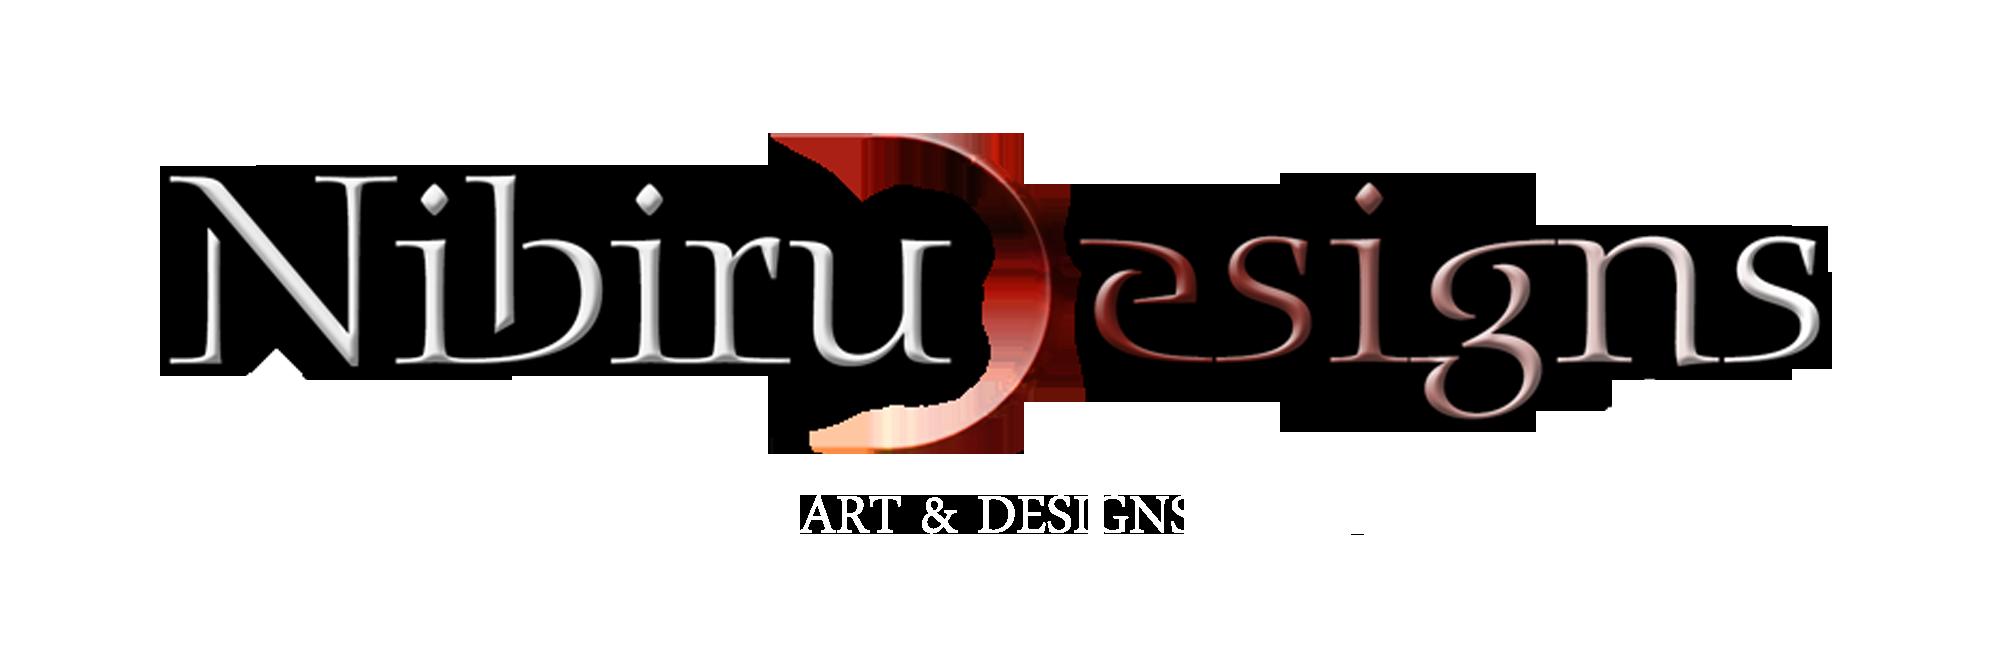 Nibiru Designs